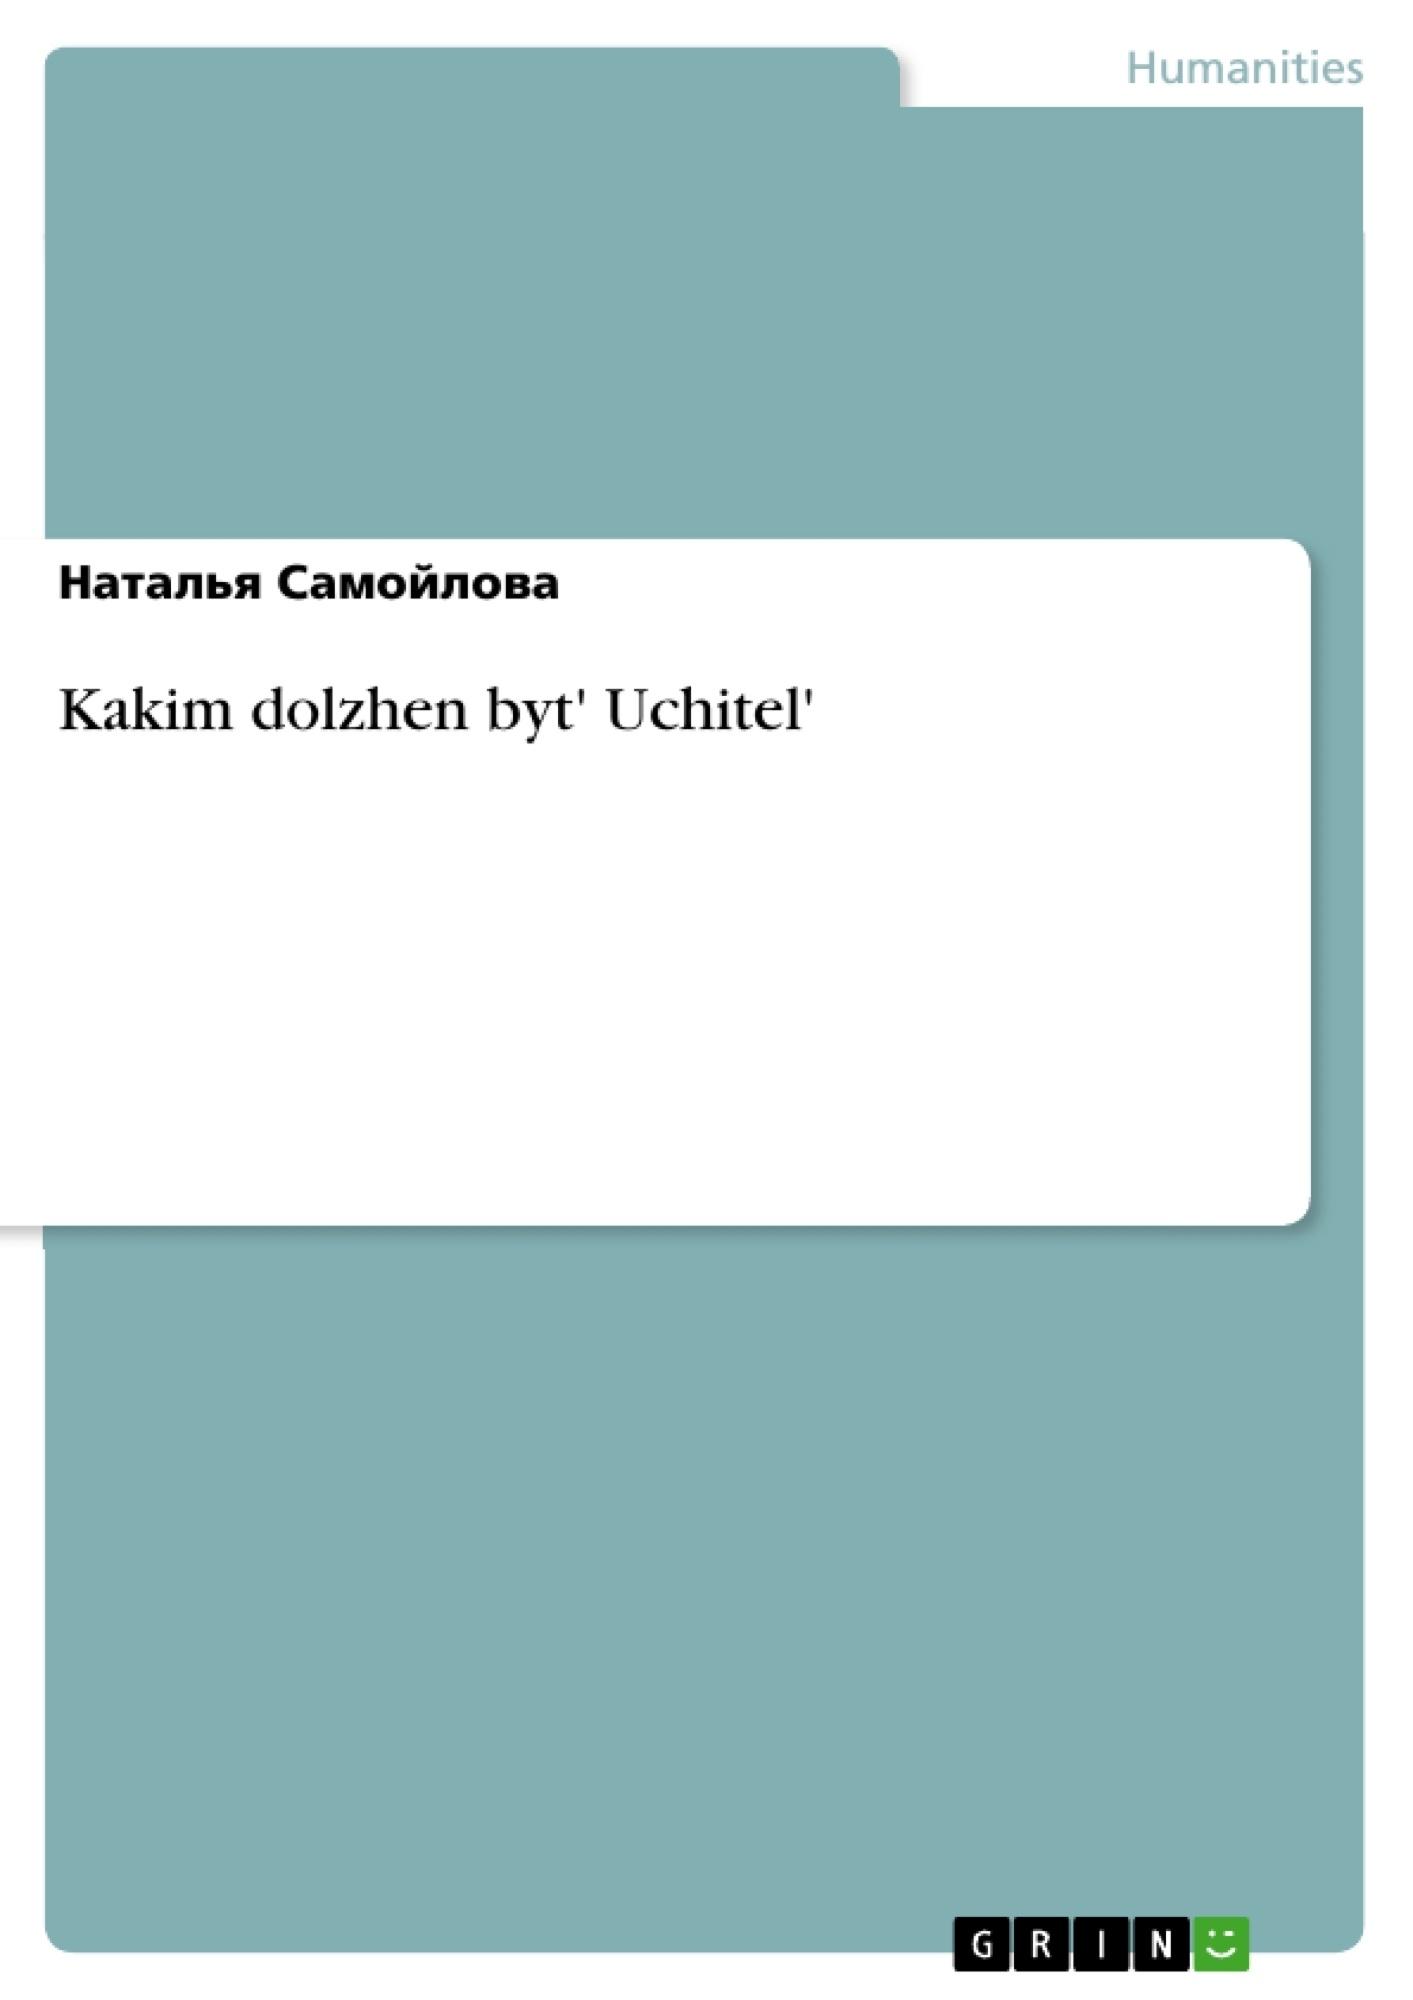 Title: Kakim dolzhen byt' Uchitel'